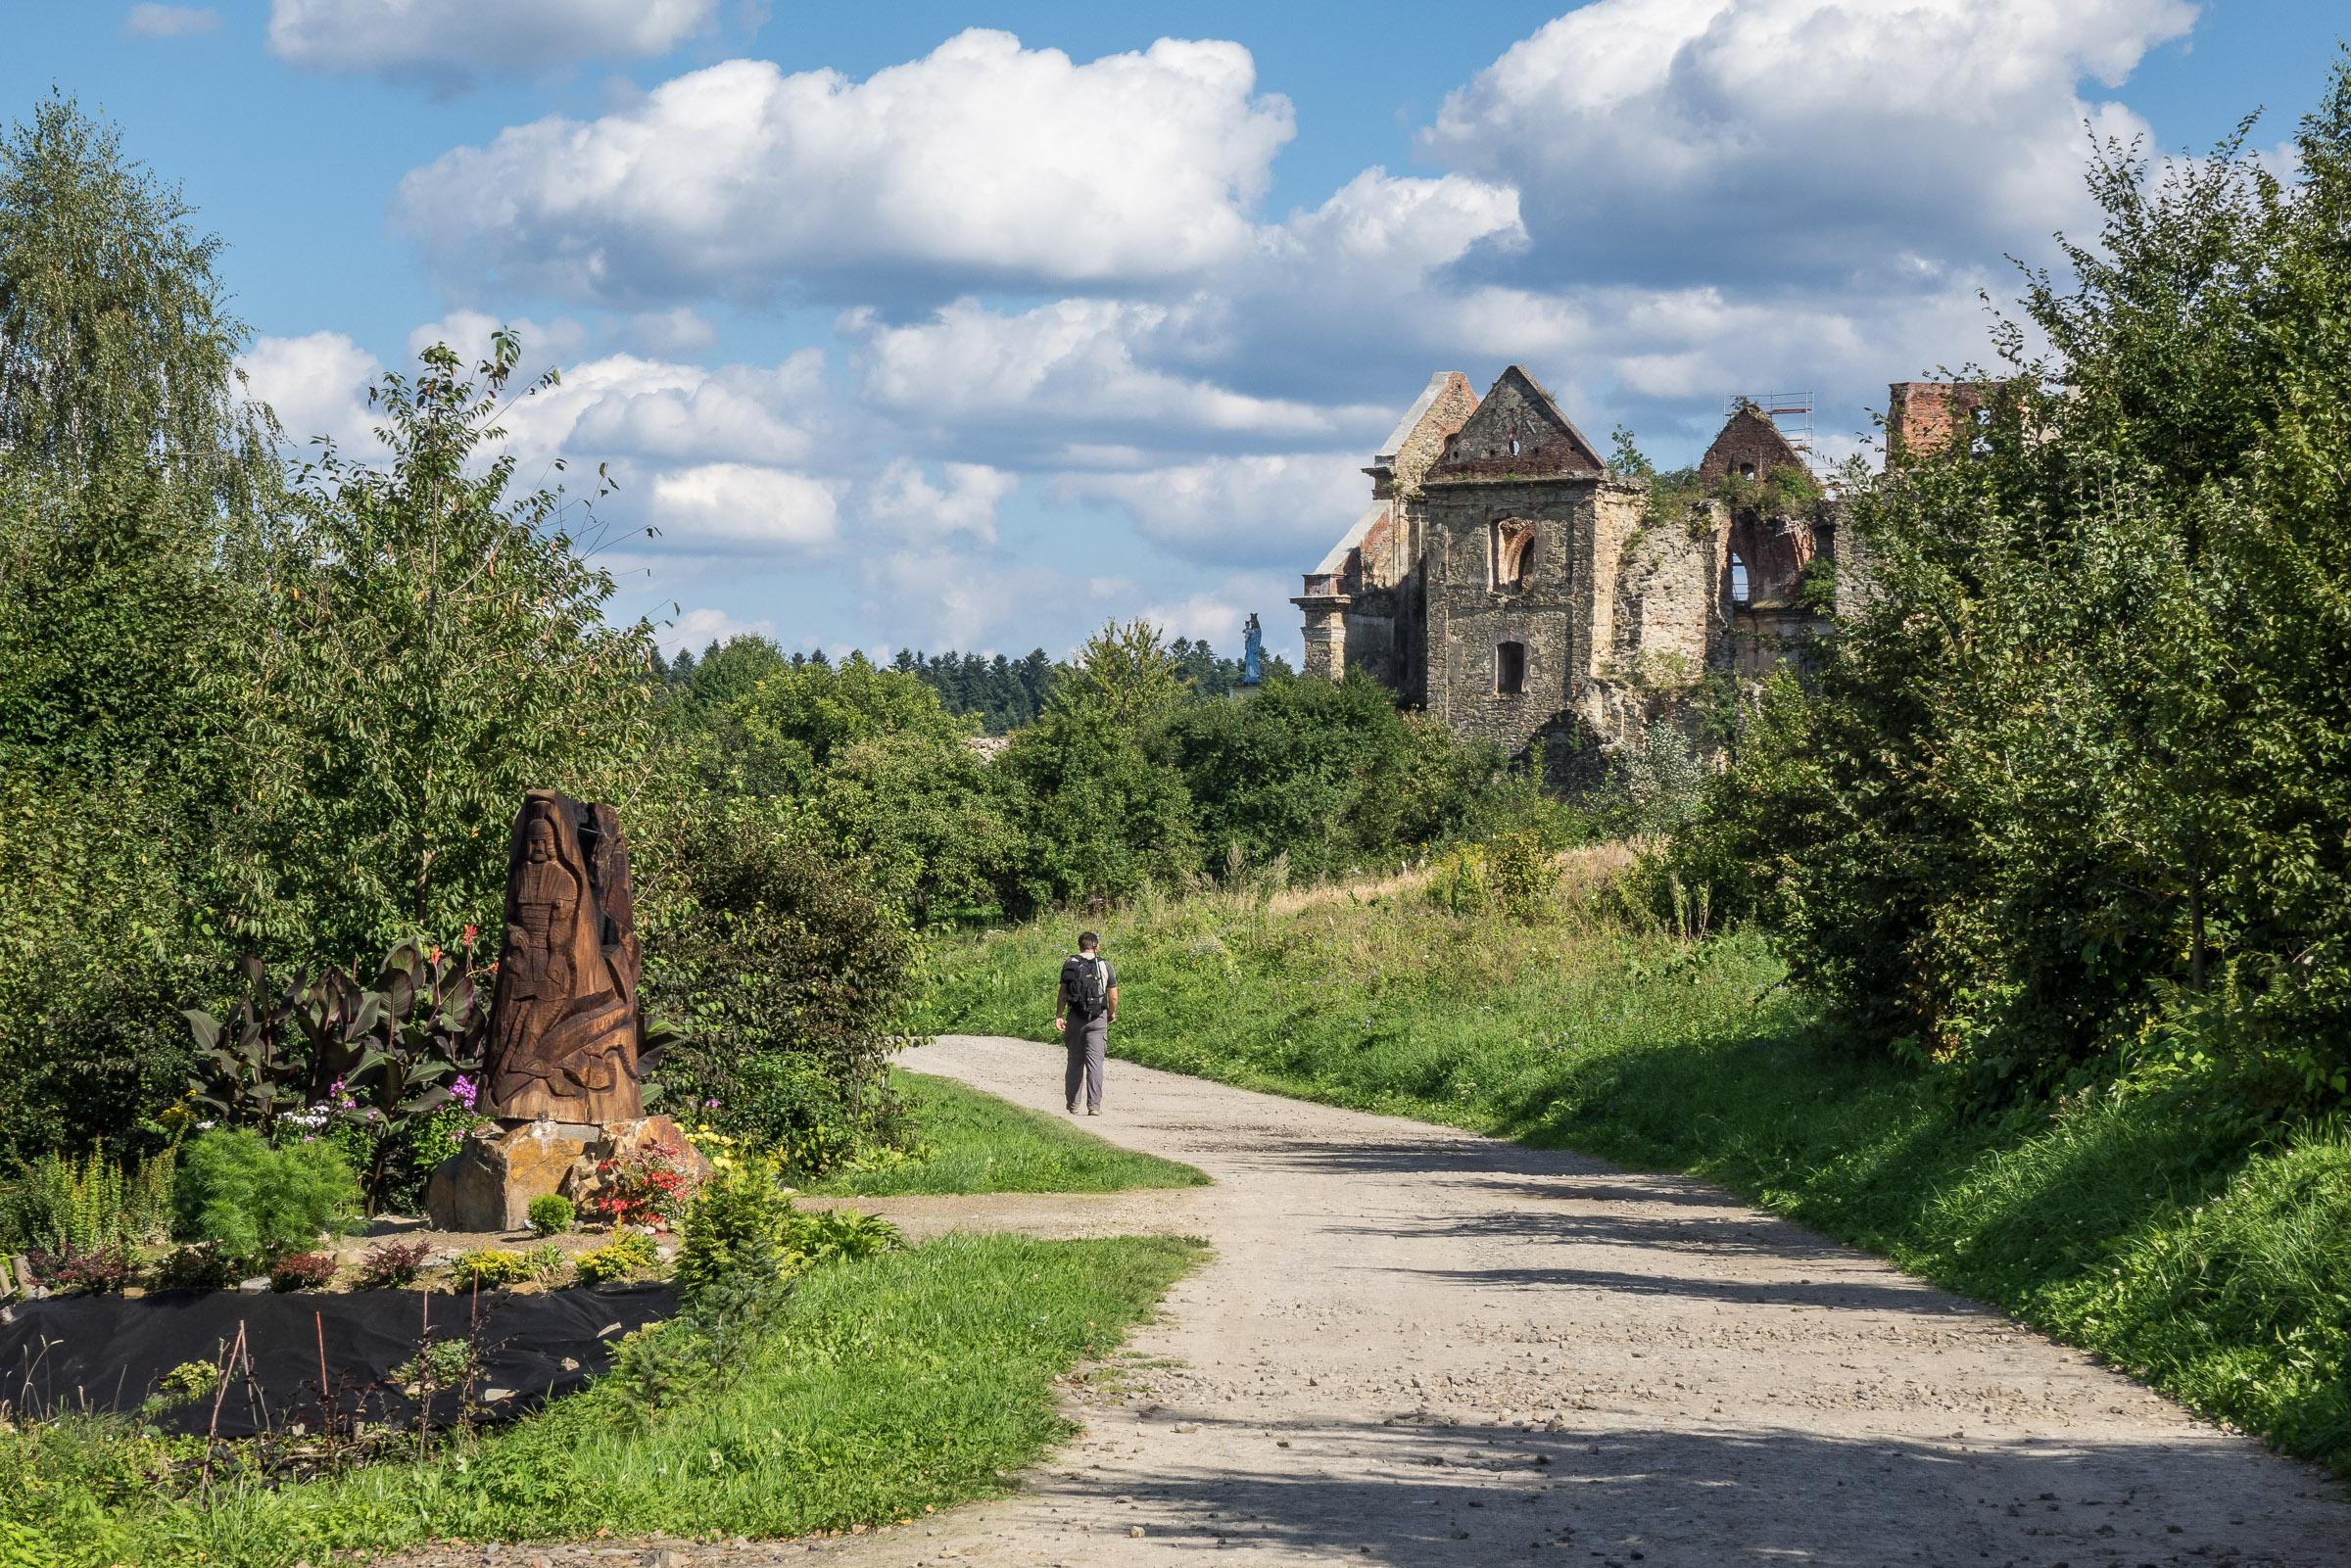 Ruiny Klasztoru w Zagórzu. Na wieży znajduje się punkt widokowy z którego można podziwiać okolicę.